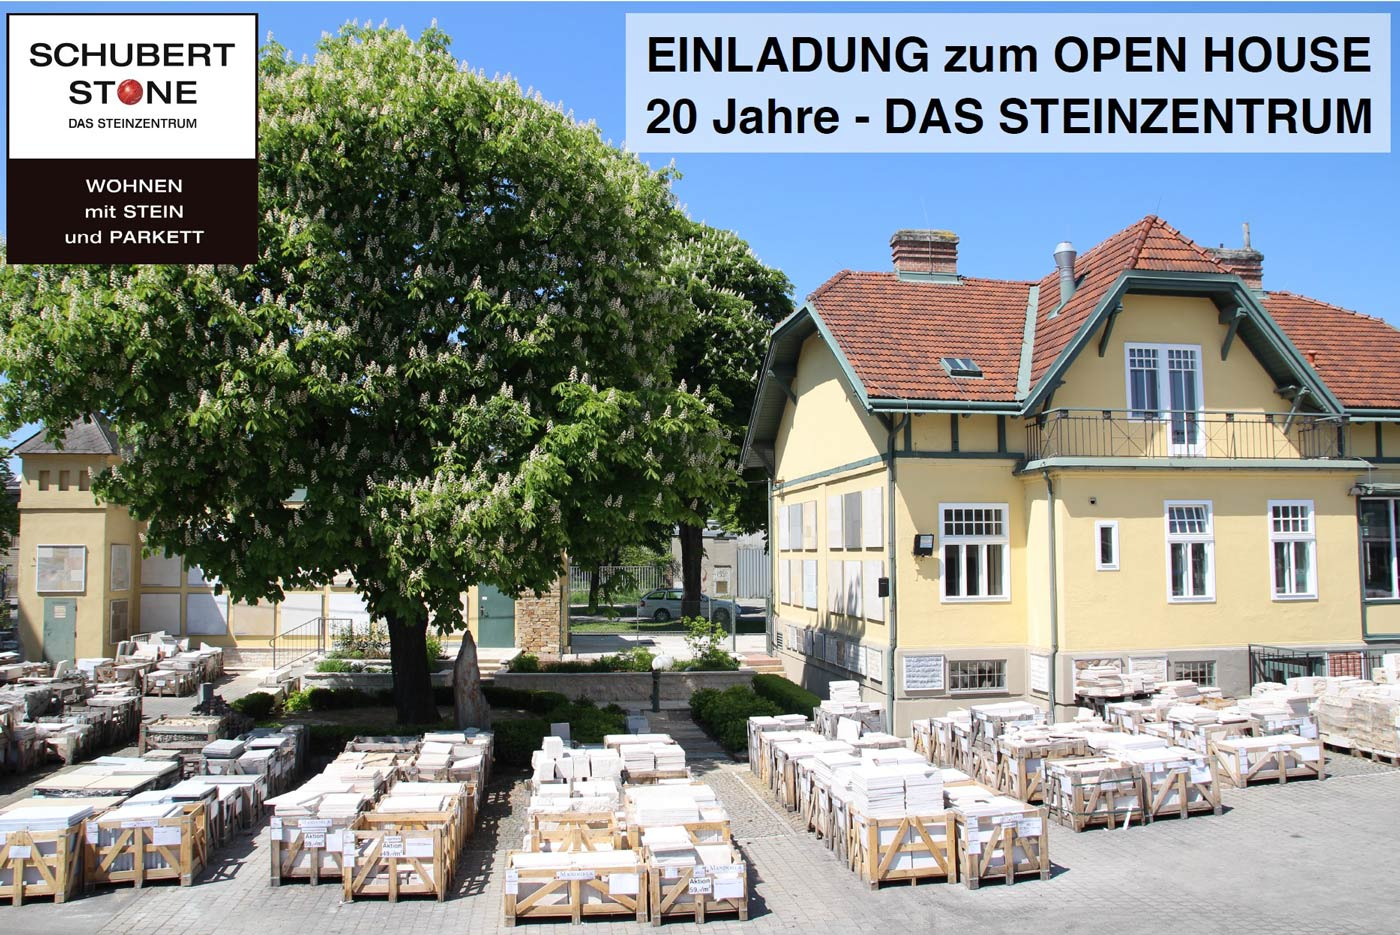 , OPEN HOUSE bei SCHUBERT STONE – 20 Jahre DAS STEINZENTRUM